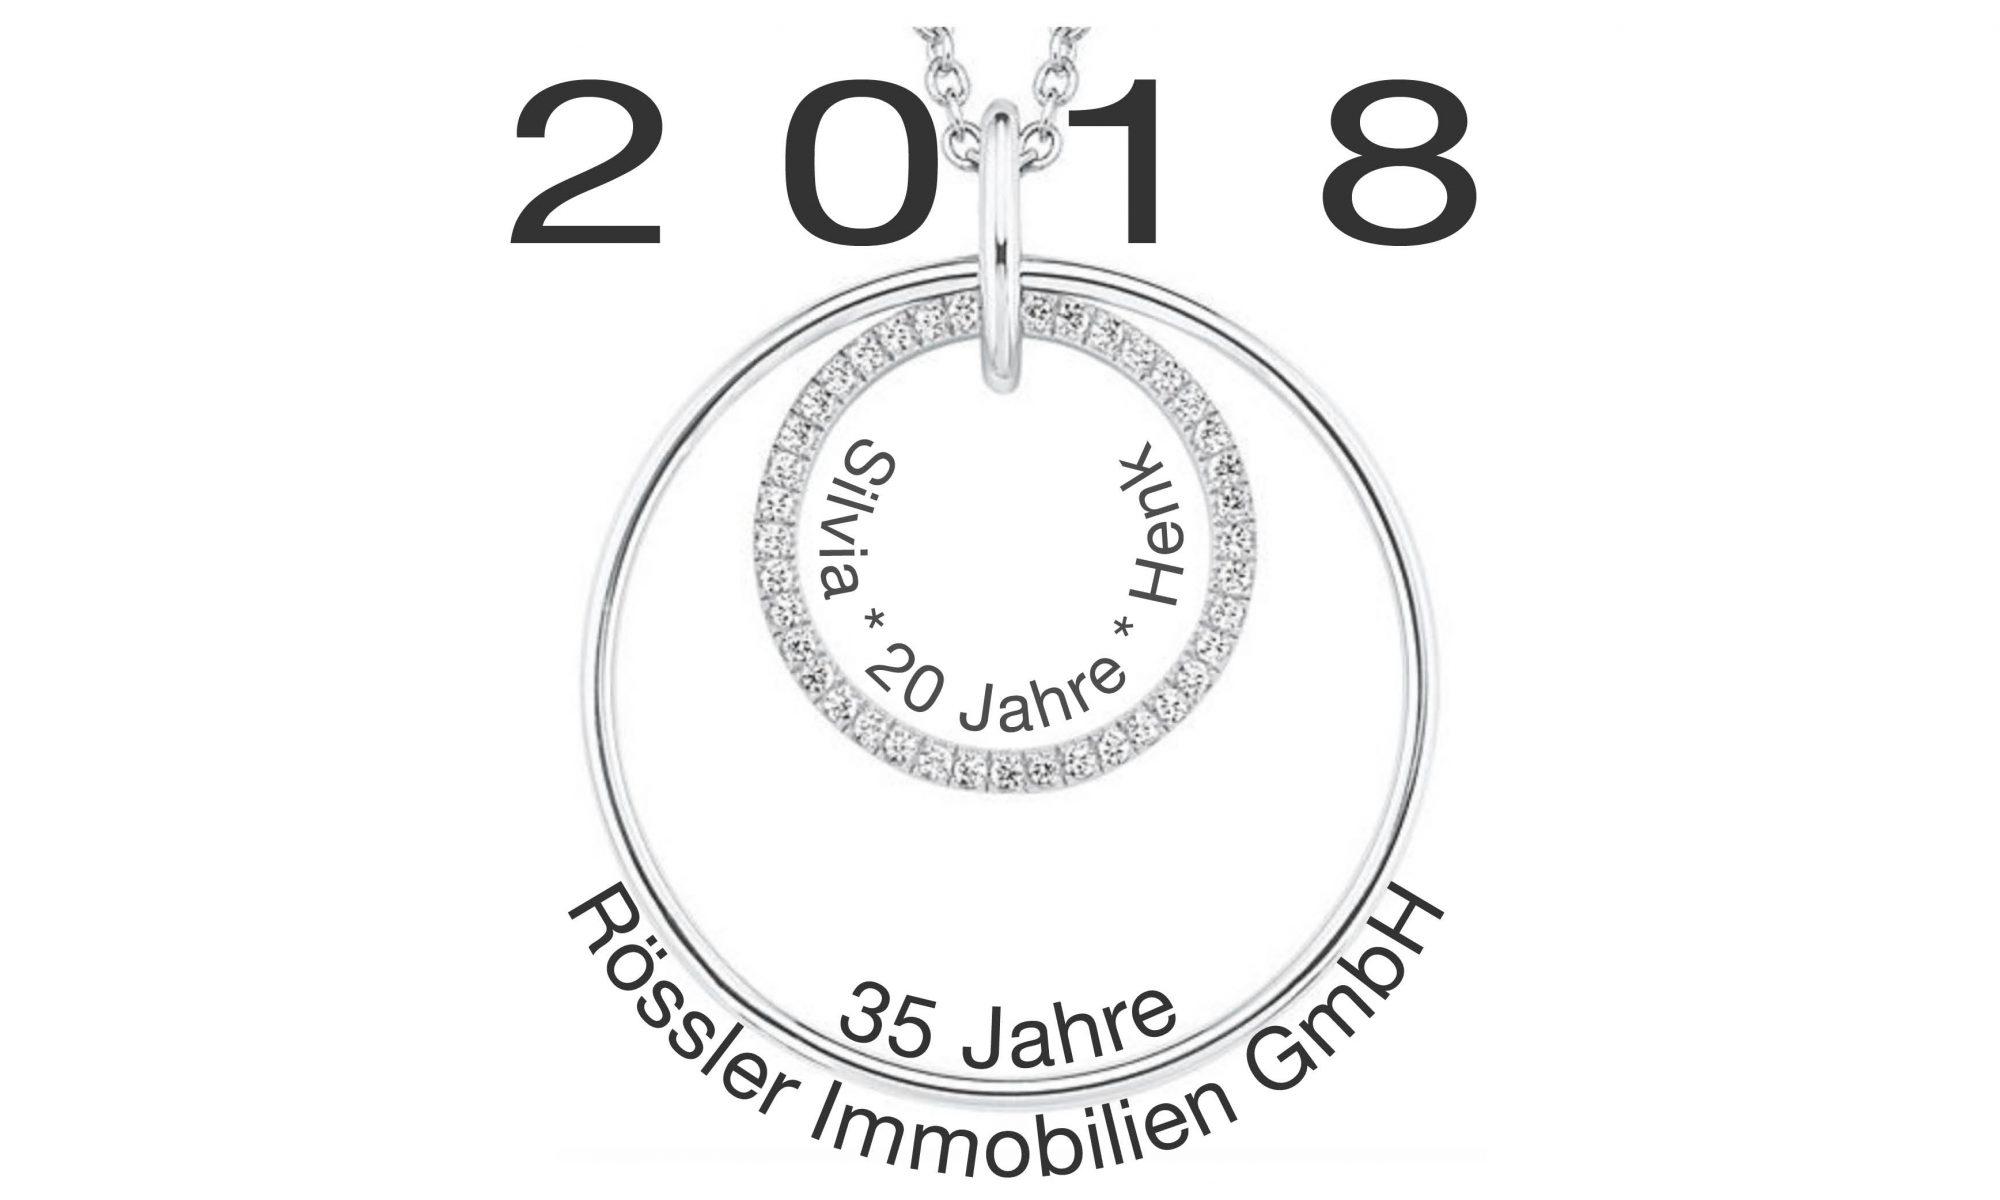 Jubiläum 2018 35+20